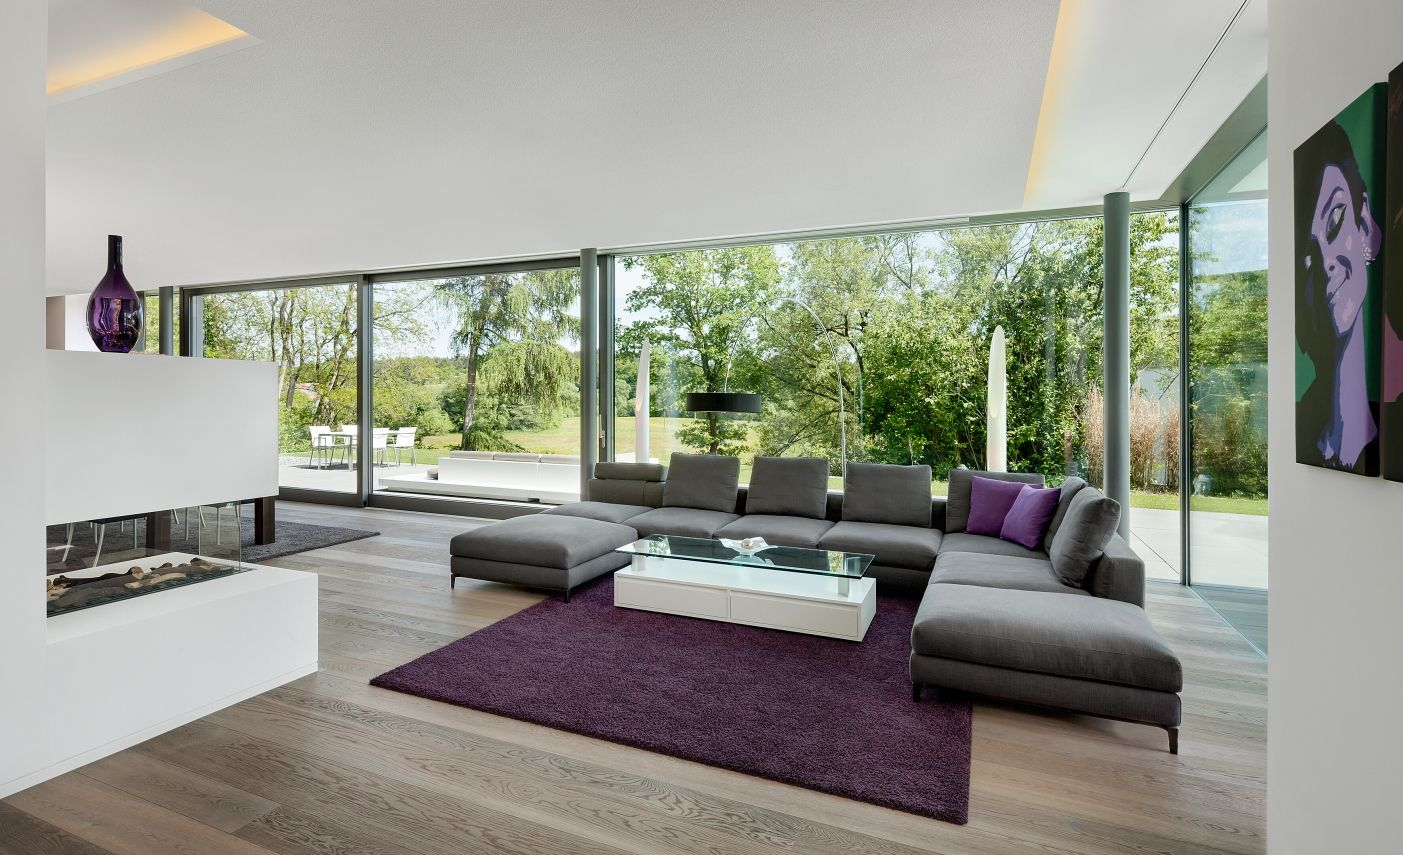 berschneider berschneider architekten bda innenarchitekten neumarkt wohnen h user. Black Bedroom Furniture Sets. Home Design Ideas